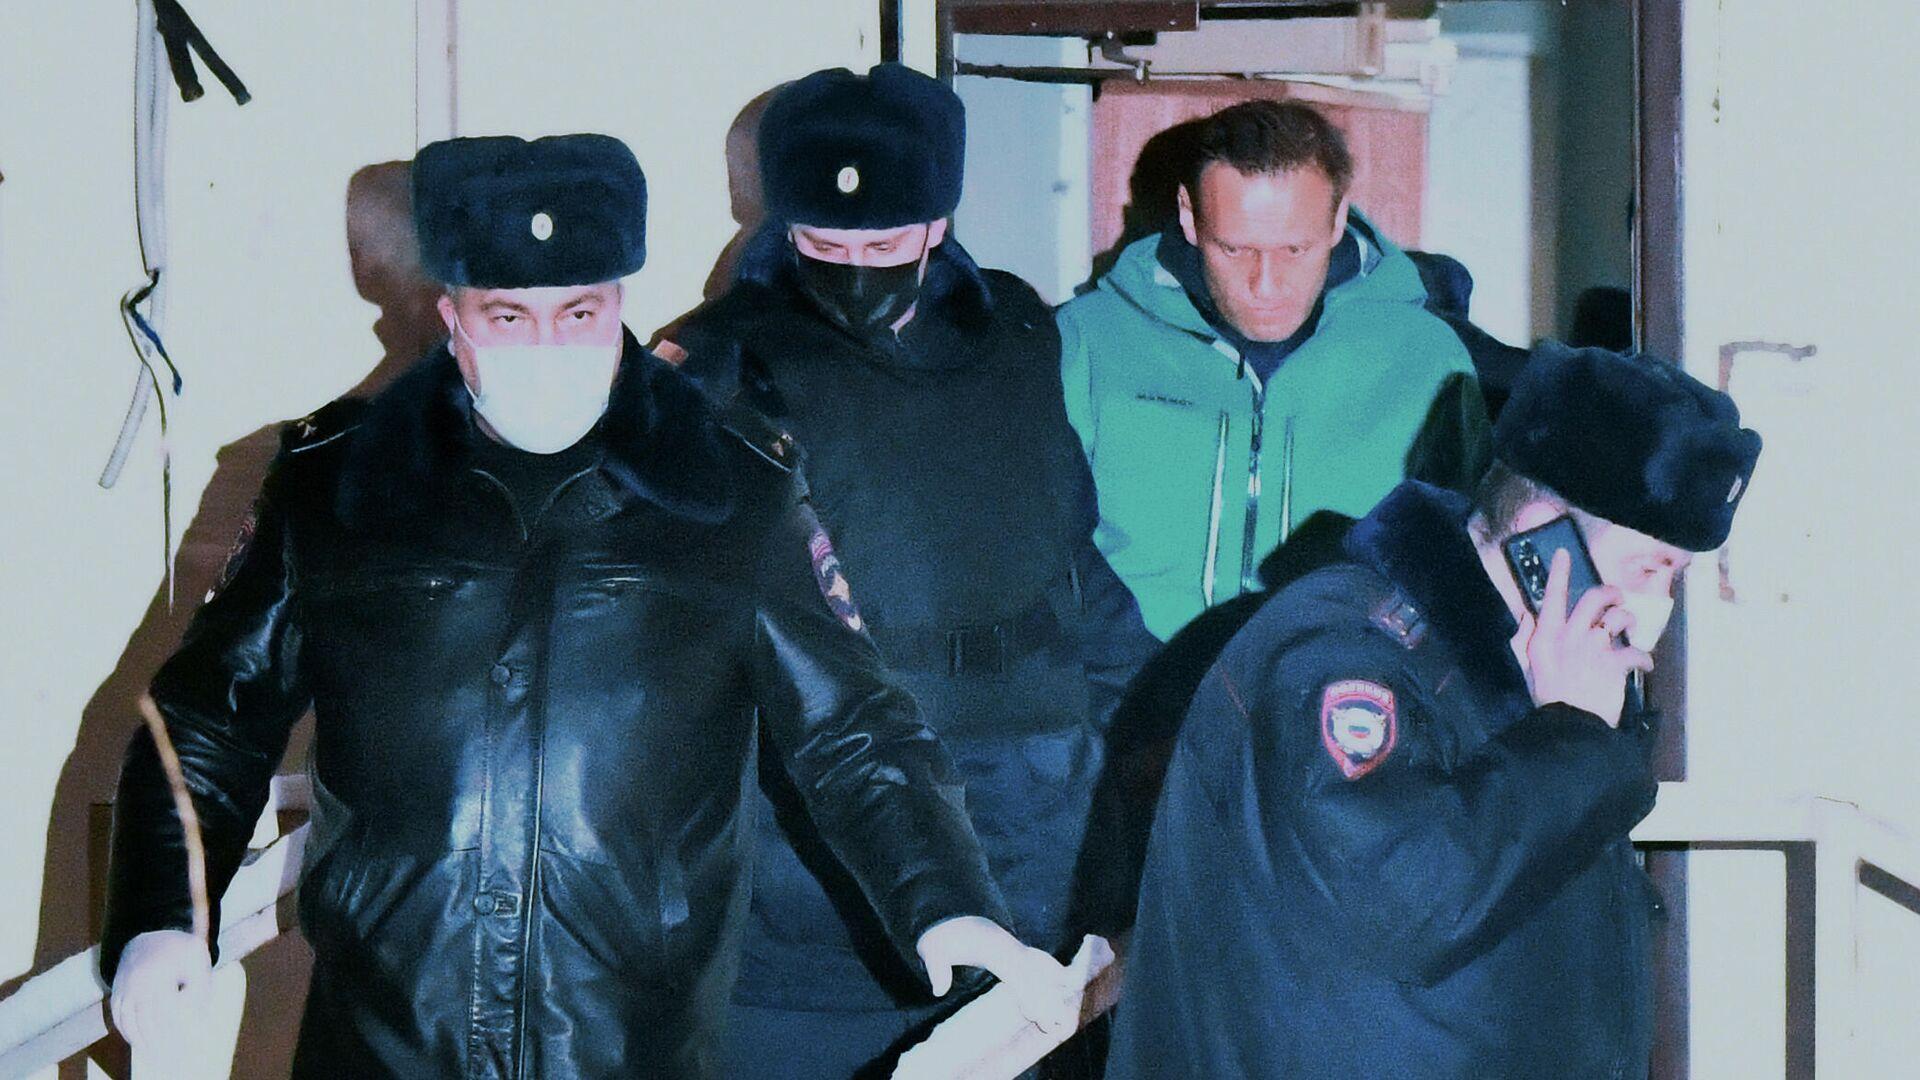 Сотрудники полиции выводят Алексея Навального из здания 2-го отдела полиции Управления МВД России по г. о. Химки - РИА Новости, 1920, 24.01.2021